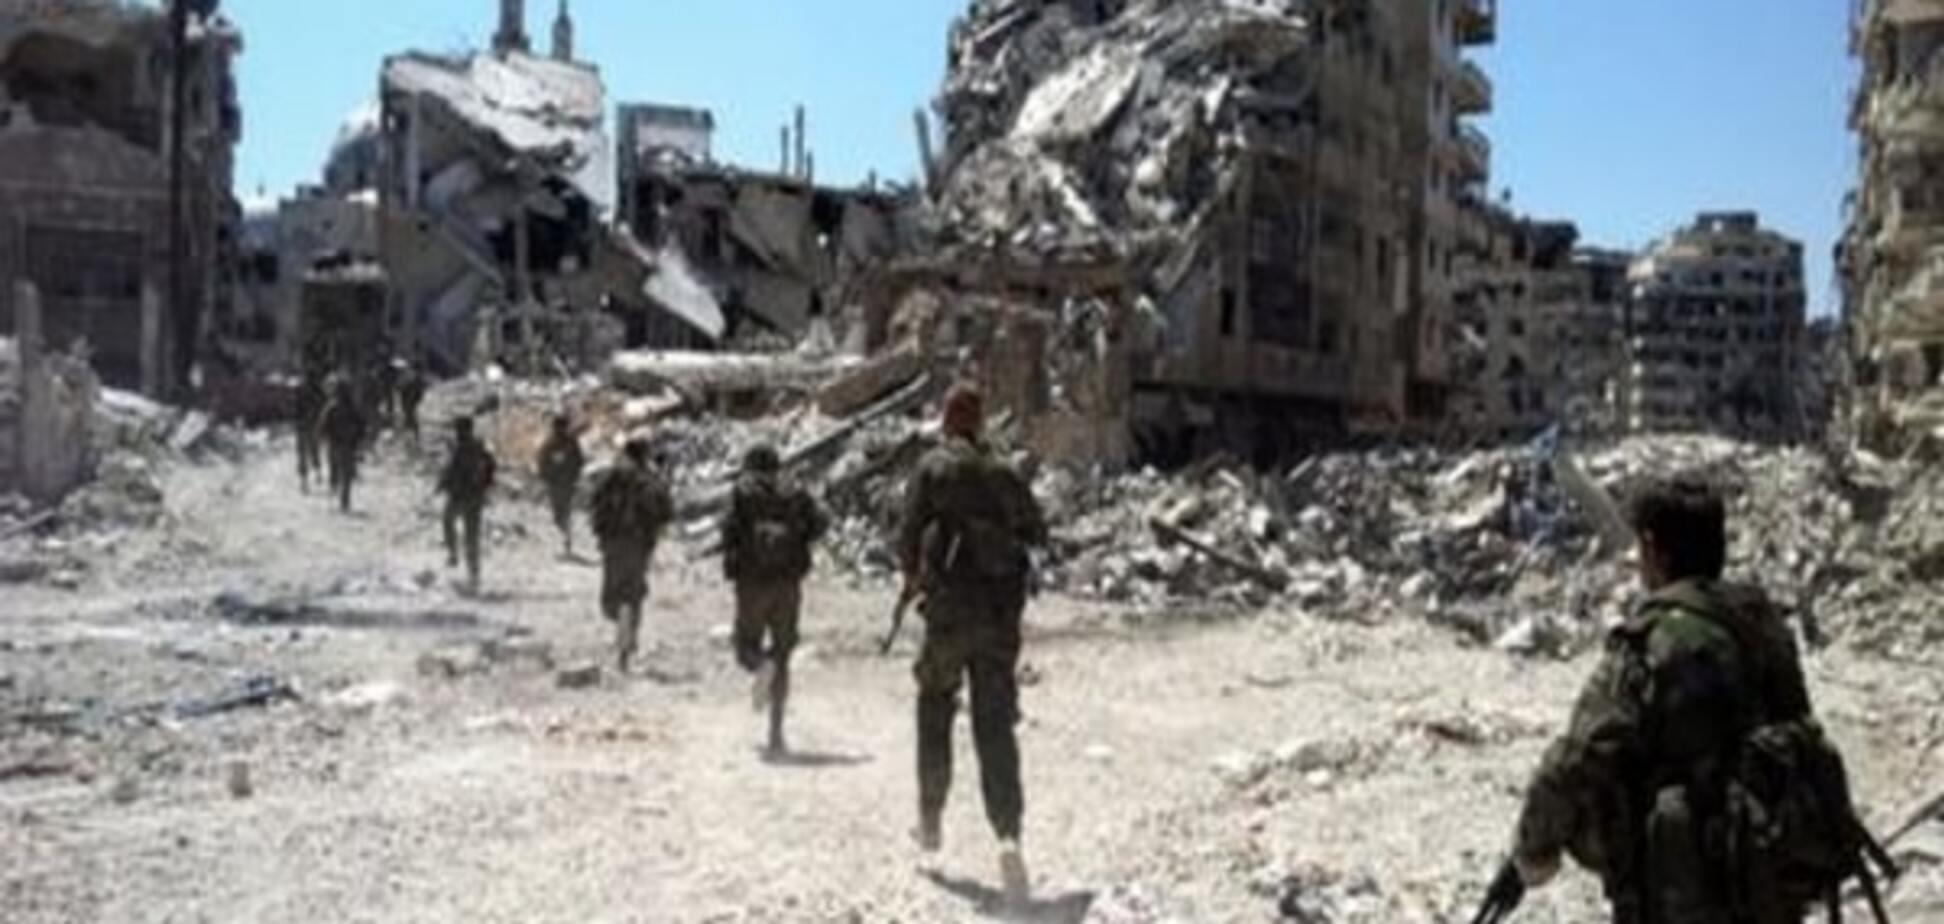 Сирійські повстанці погодились залишити 'столицю революції' Хомс